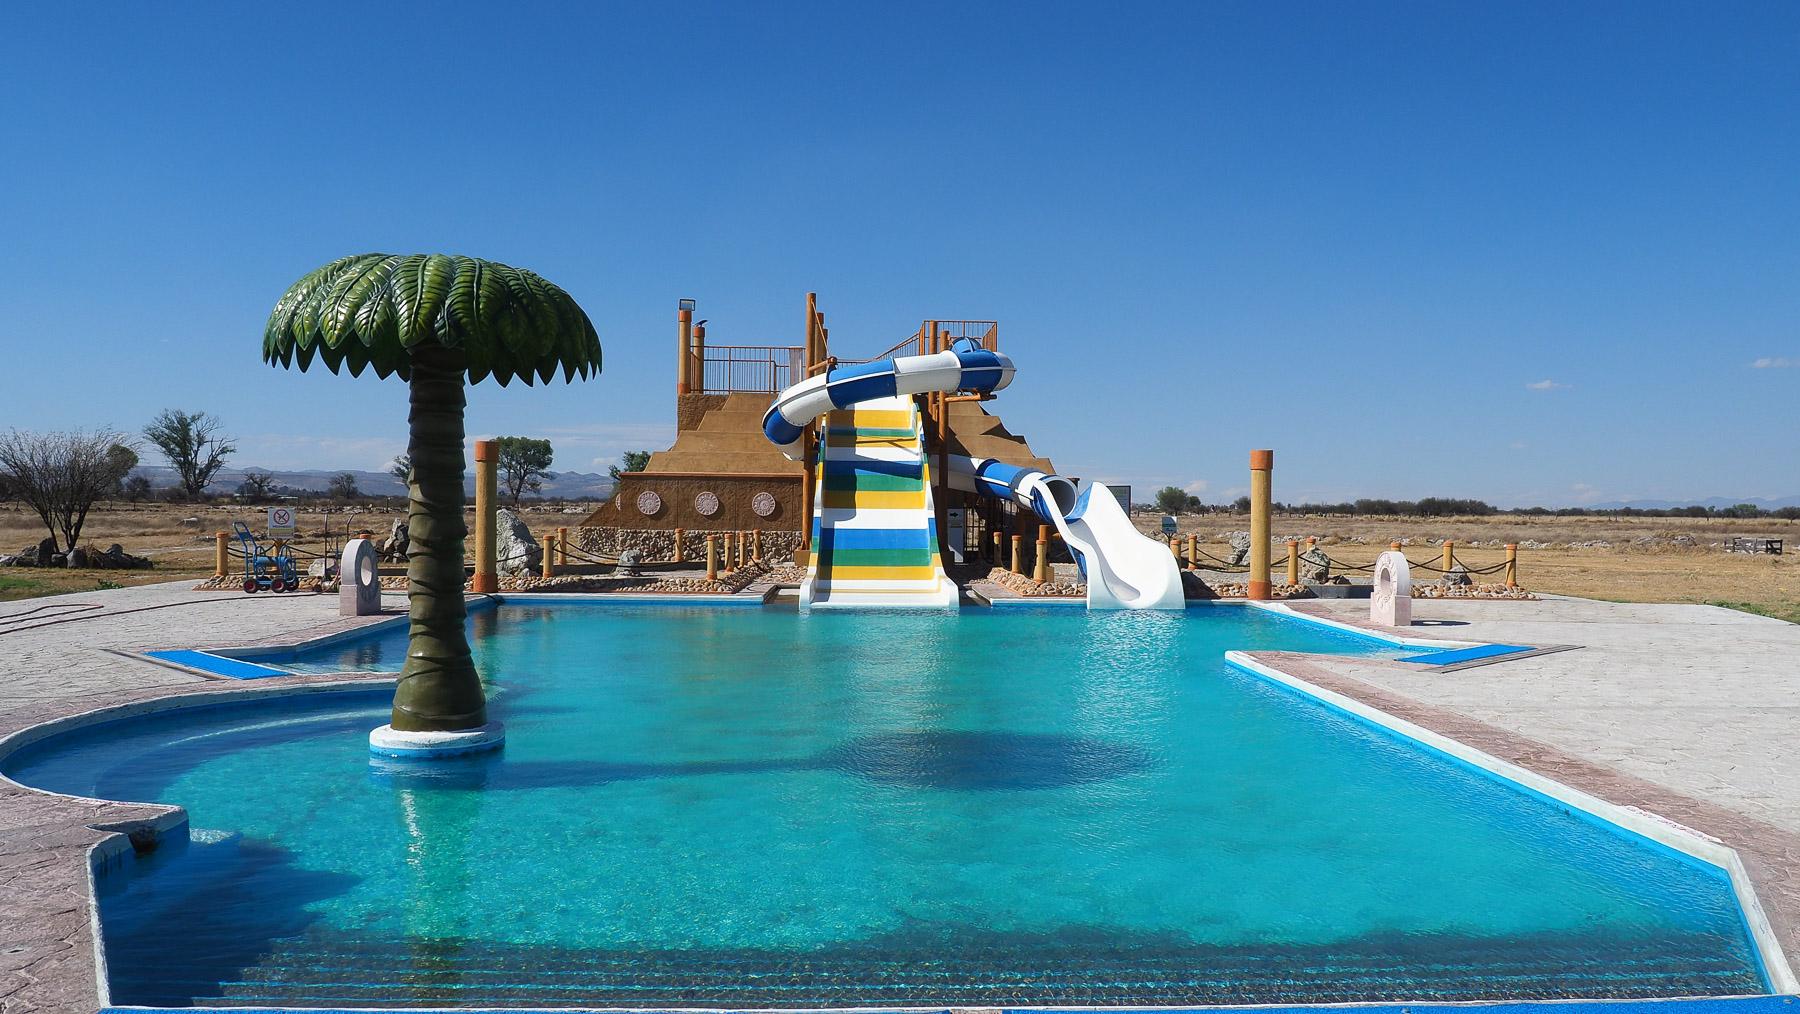 Balneario Freizeitbad - auf Kinder ausgerichtet